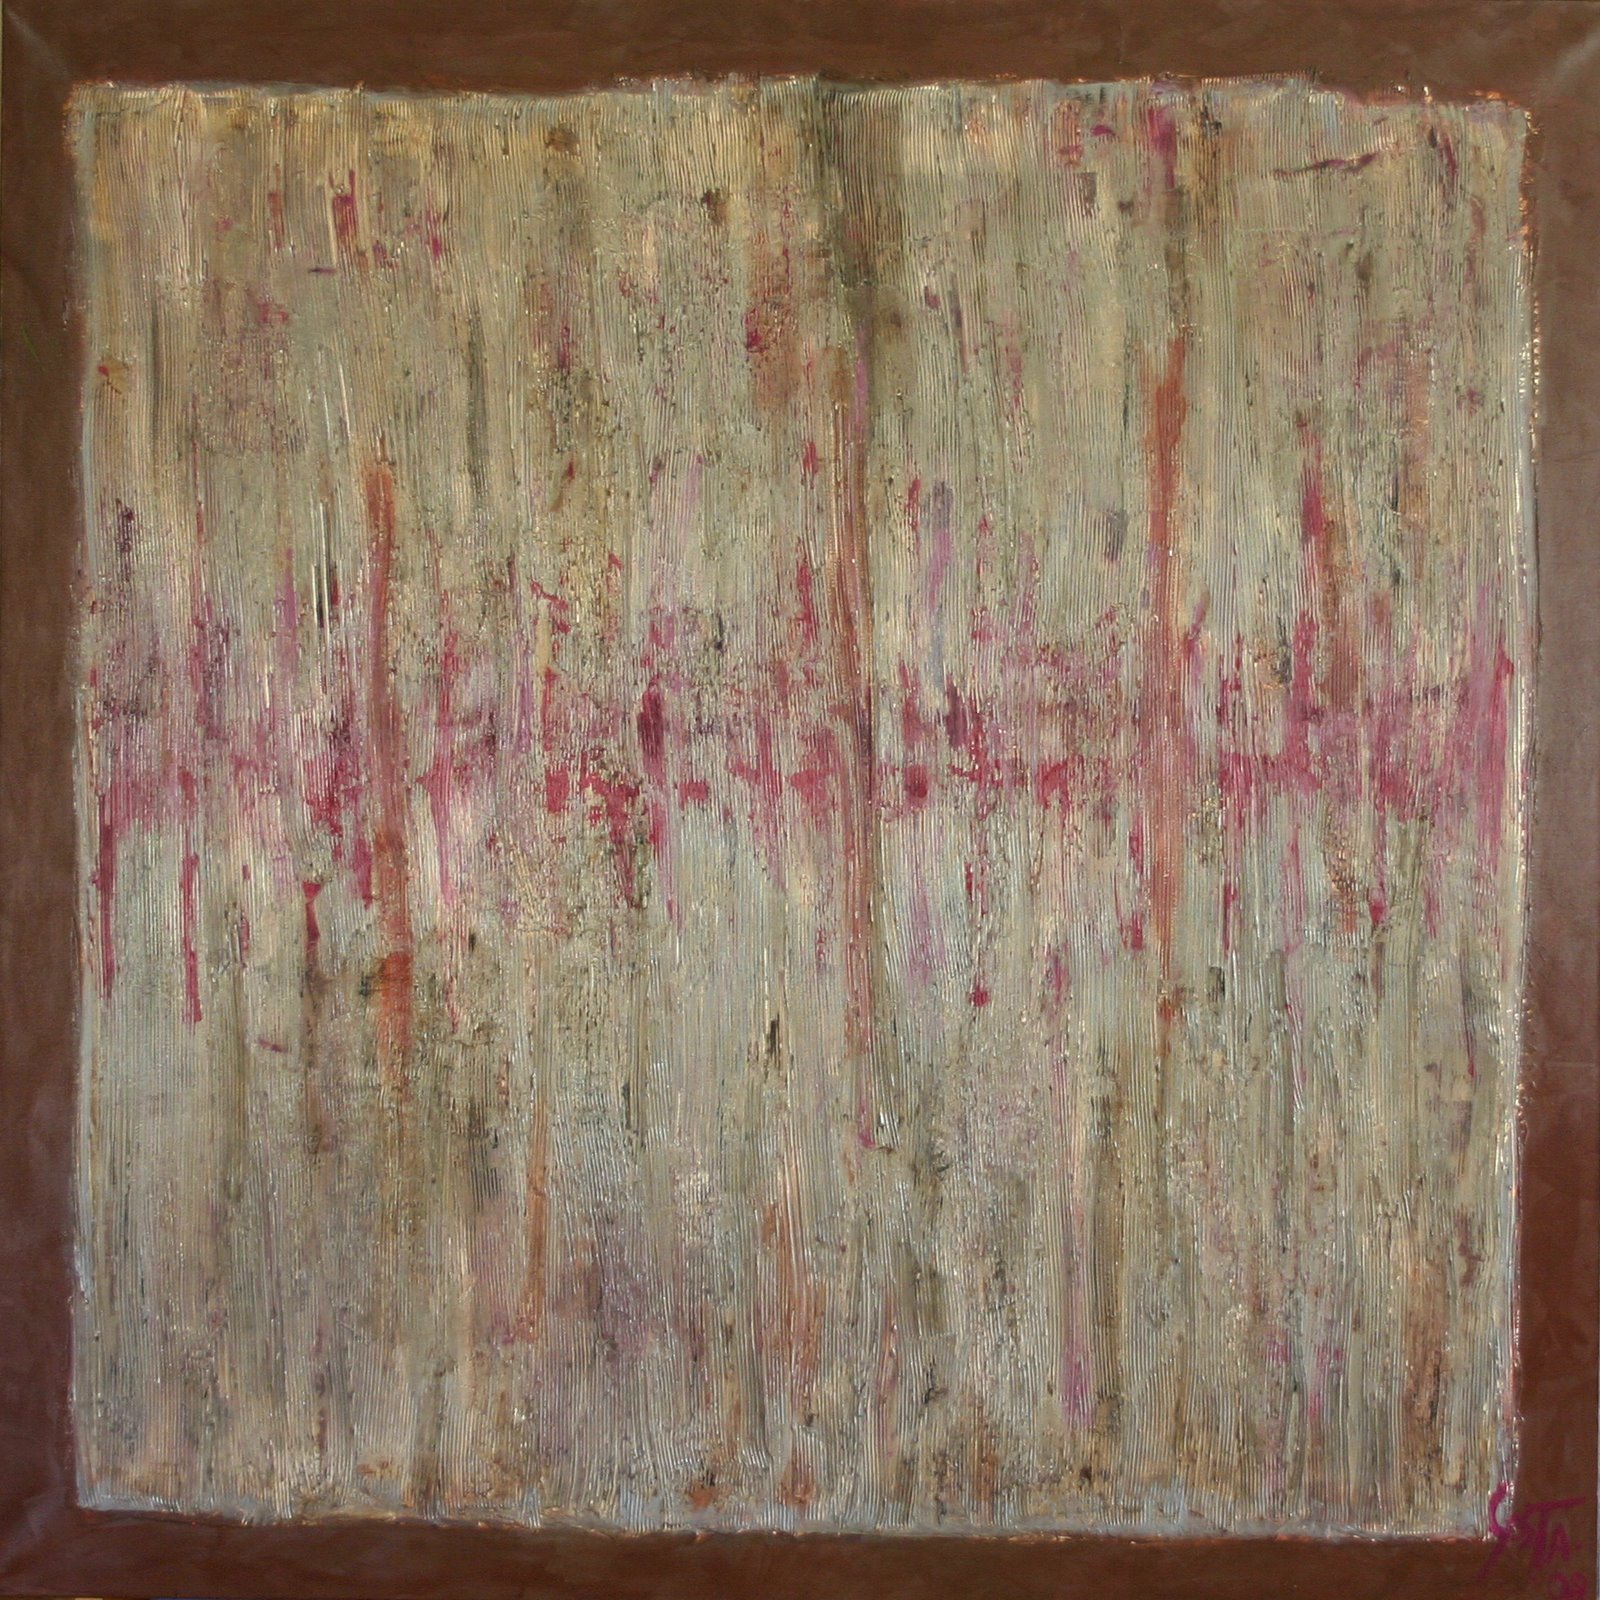 Tableau Contemporain, Haute fréquence. Sophie Costa, artiste peintre.